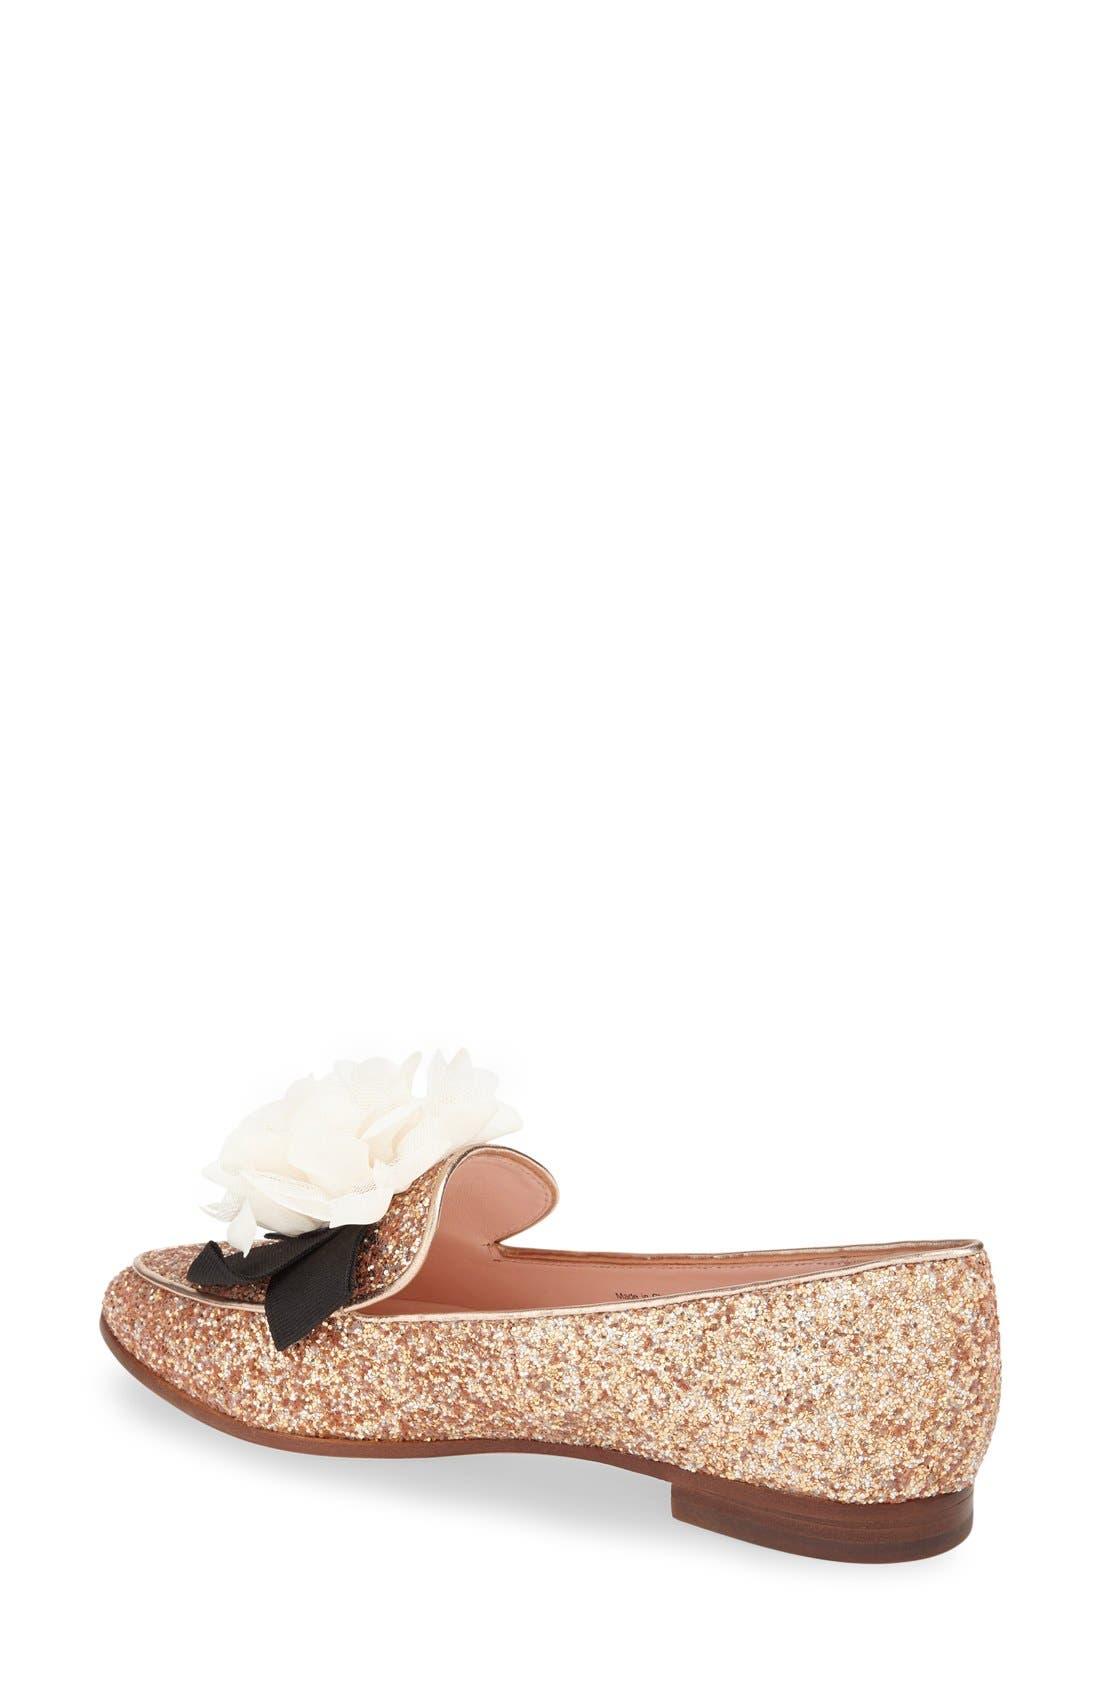 Alternate Image 2  - kate spade new york 'cinda' flower loafer (Women)